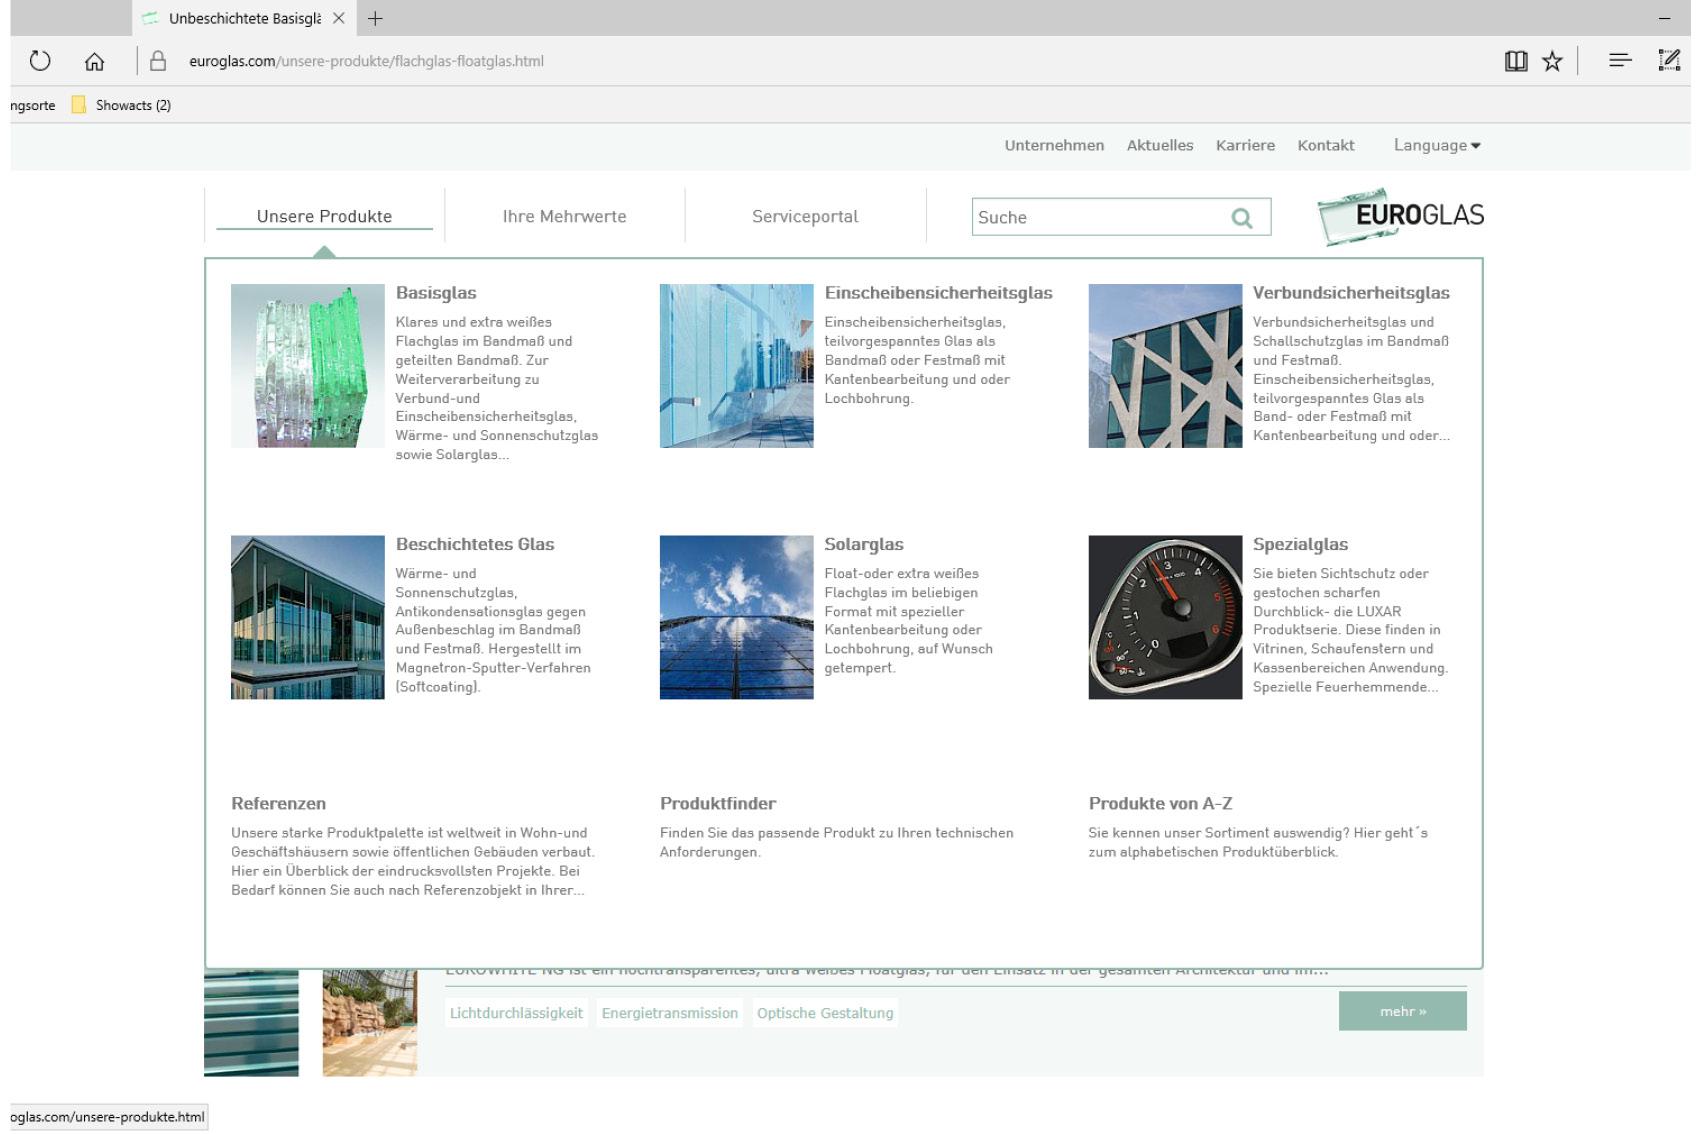 Webseite neue strukturiert